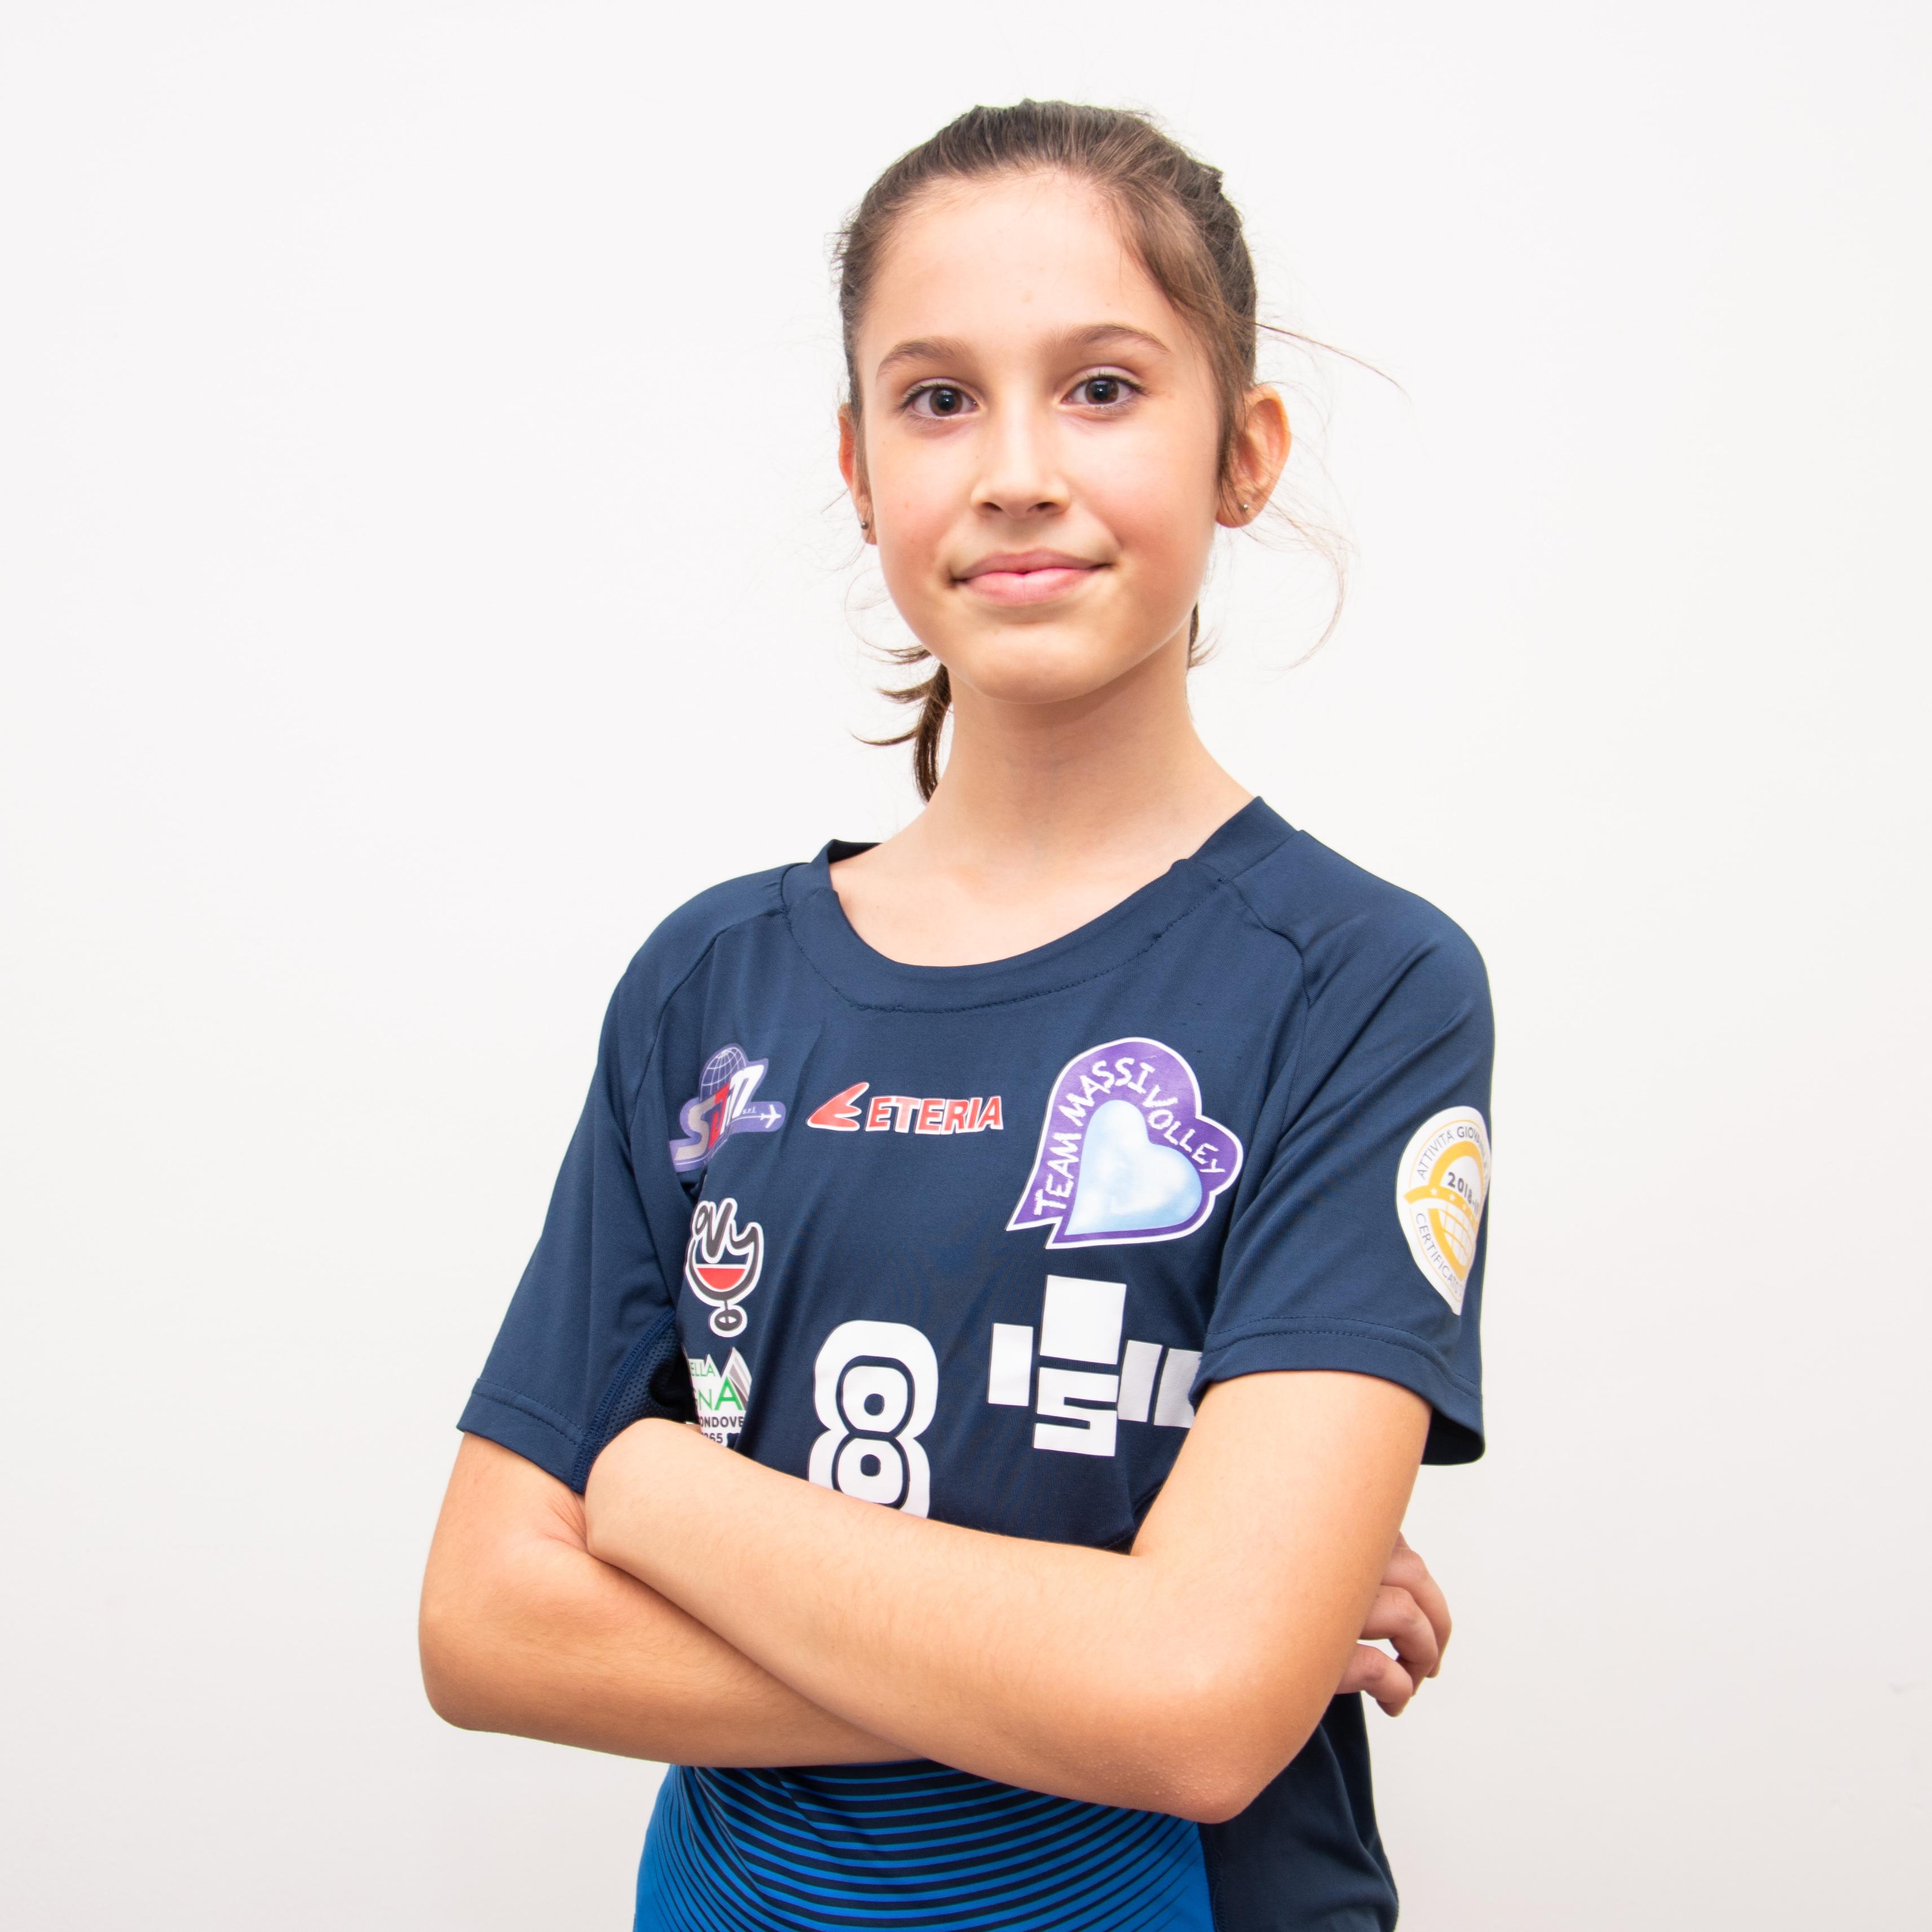 Greta Dusio